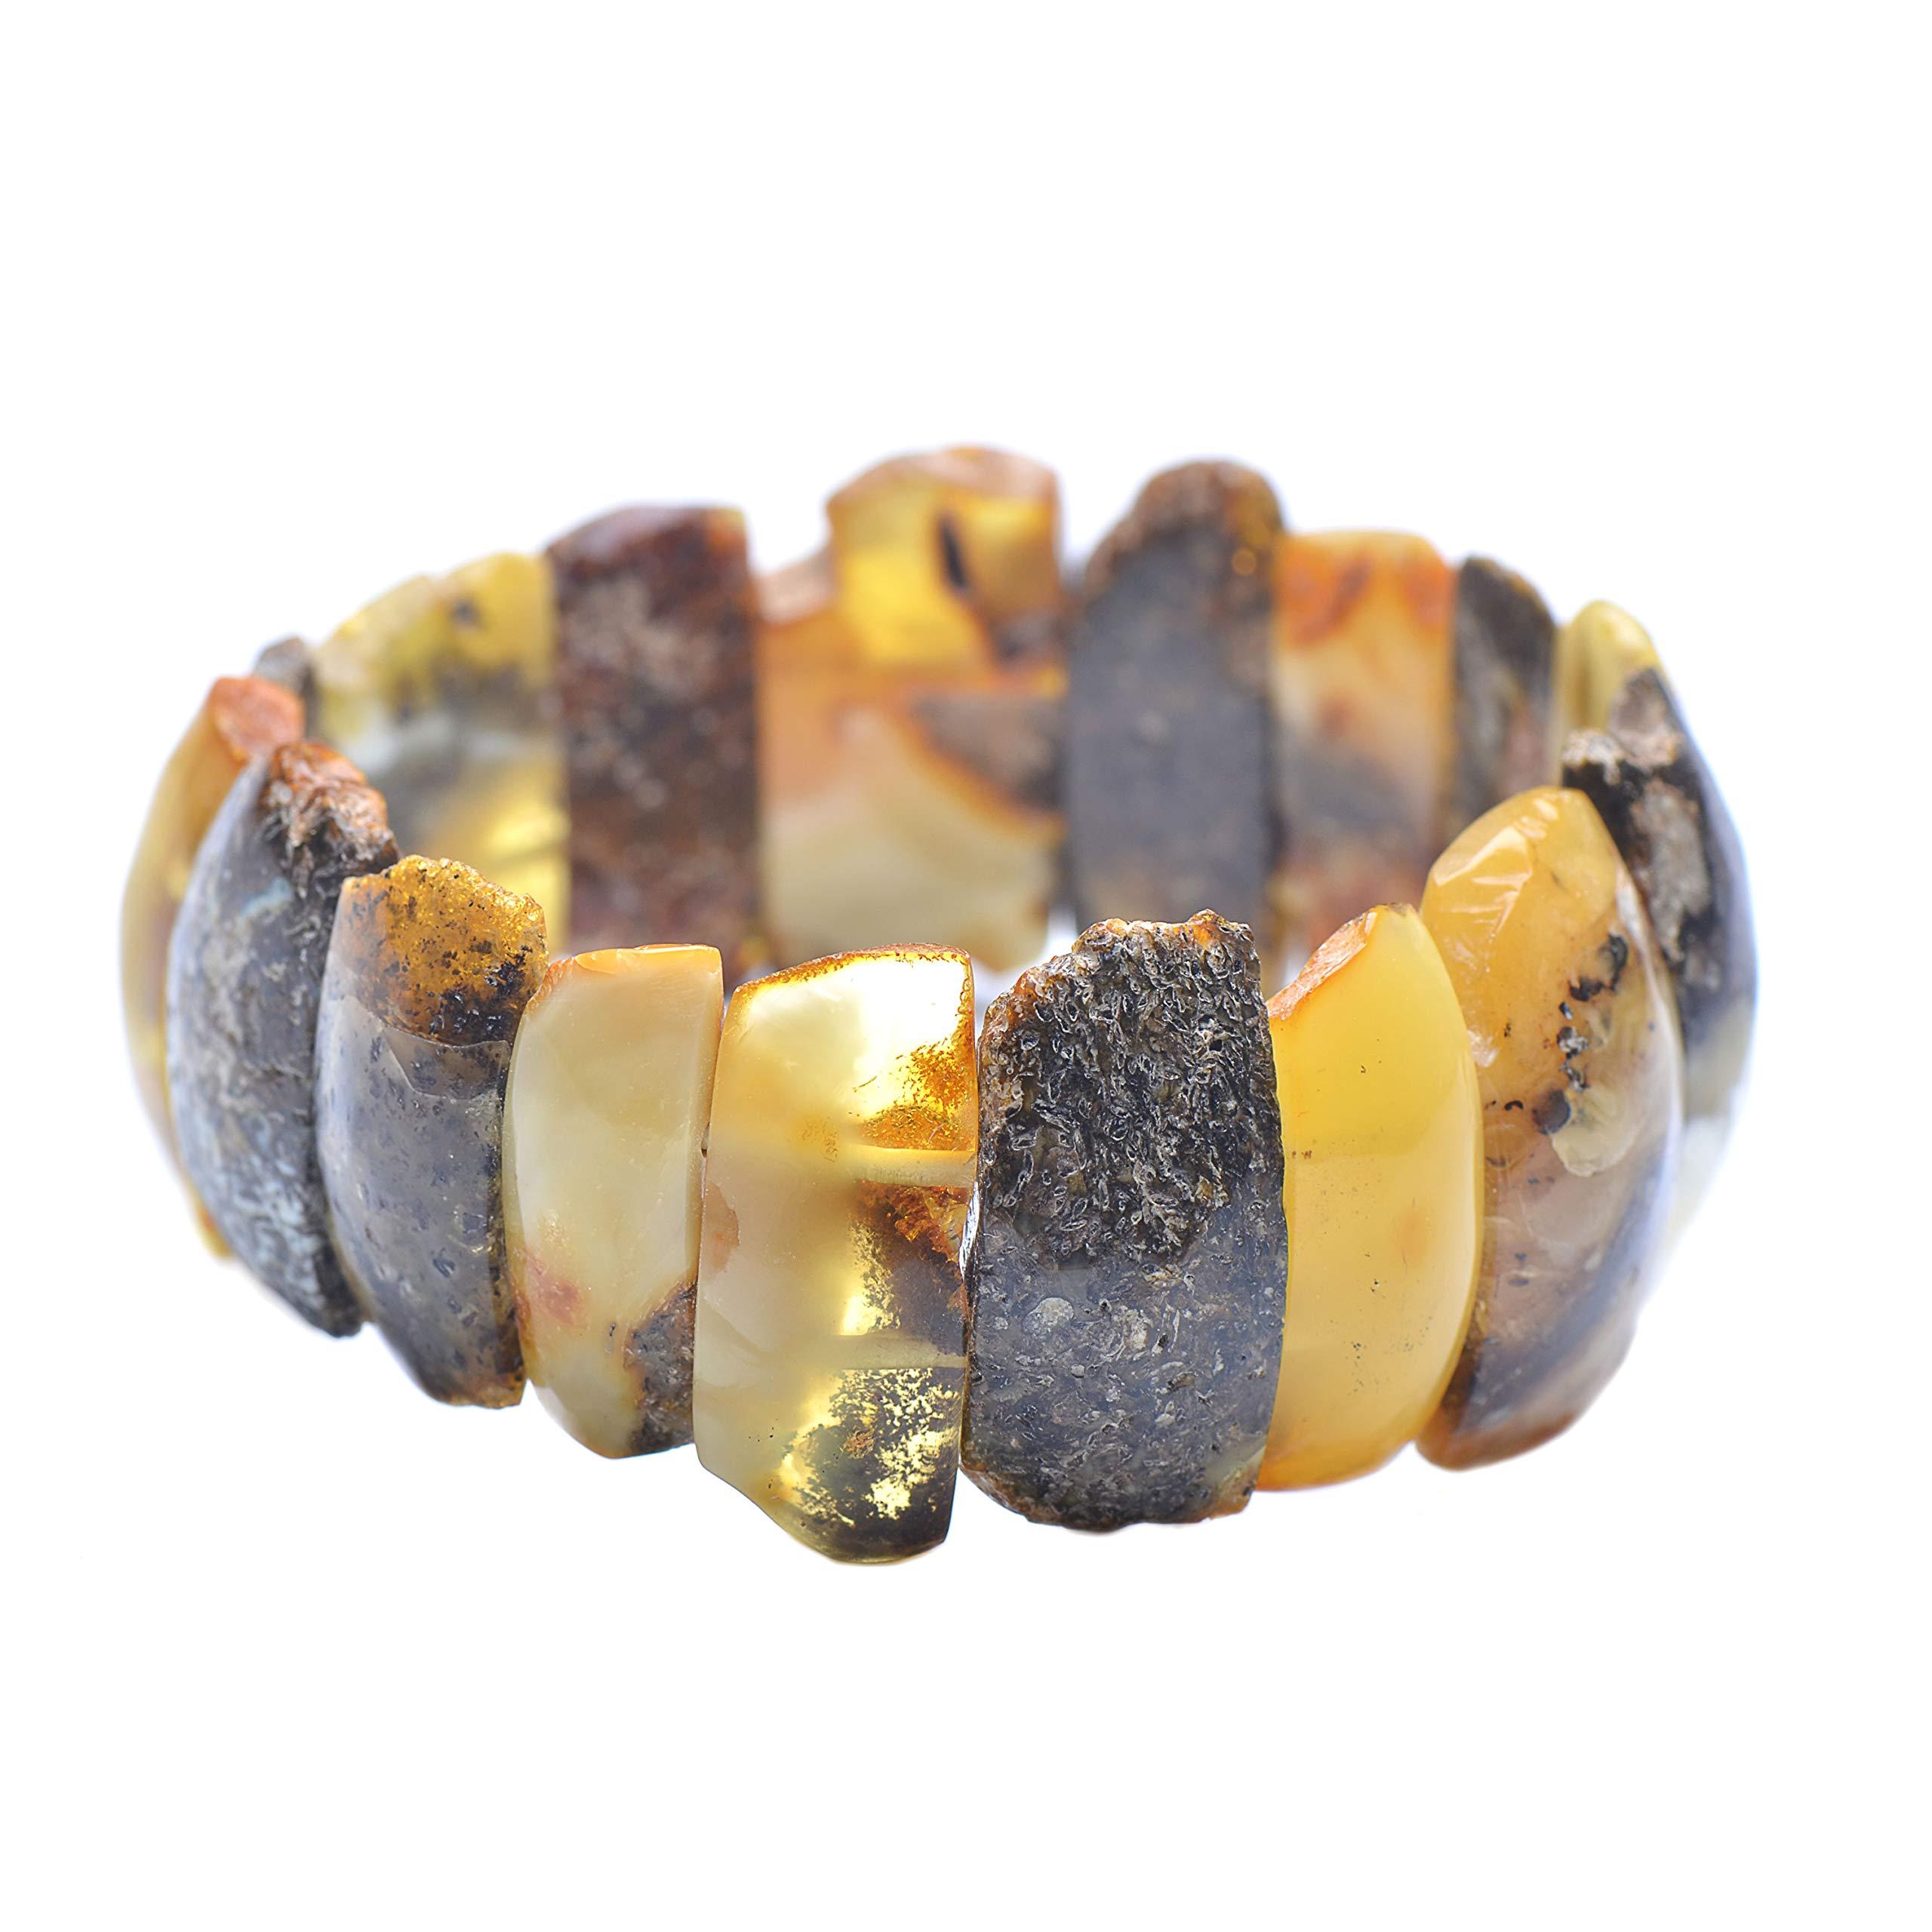 Colorful Amber Bracelet - Vintage Bracelet - Amber Bracelet - Vintage Amber Bracelet - Baltic Amber Bracelet by Genuine Amber (Image #4)